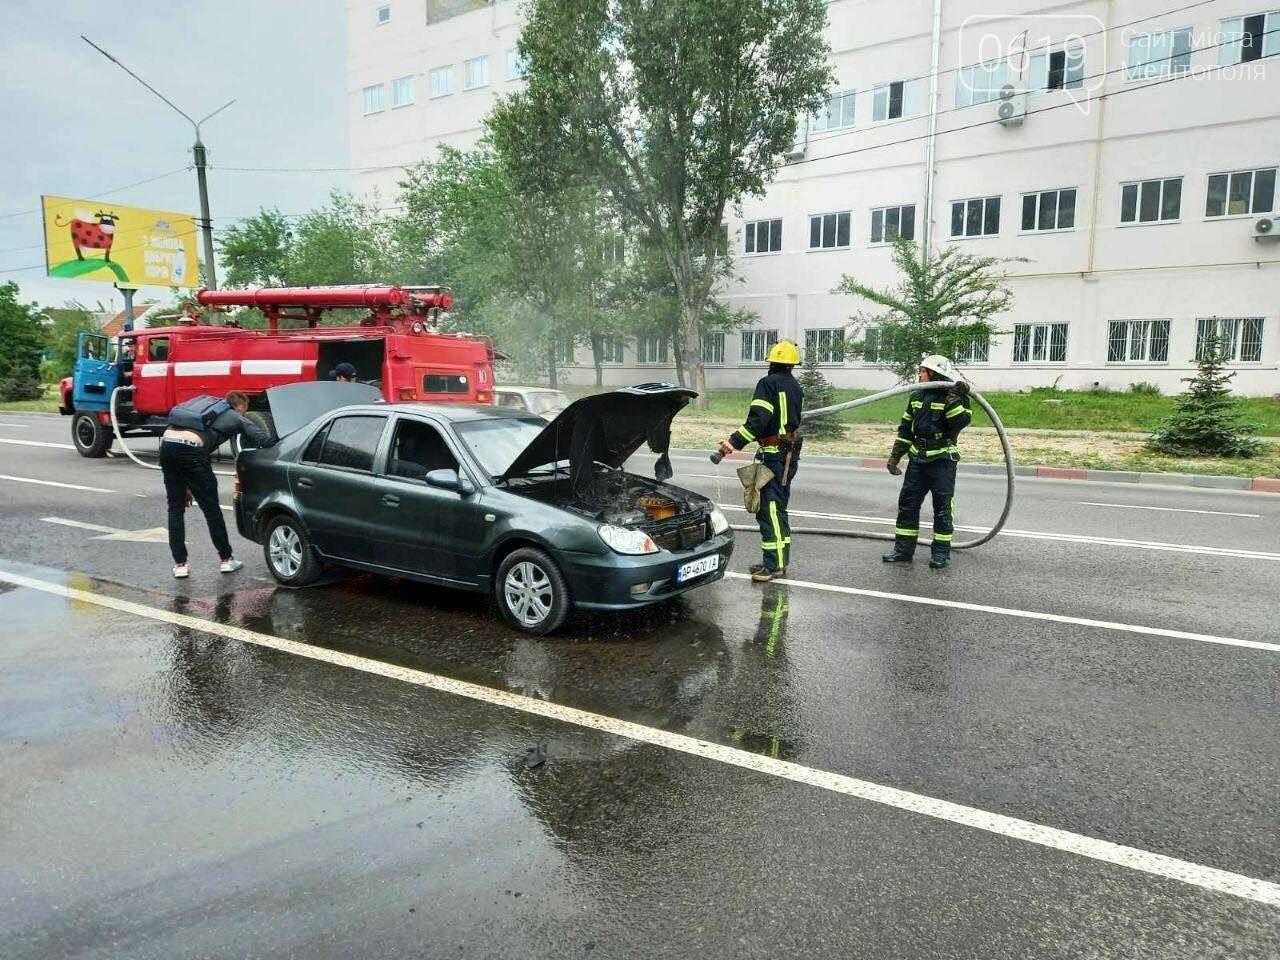 Загорелась проводка: в Мелитополе бойцы ГСЧС тушили авто, фото-1